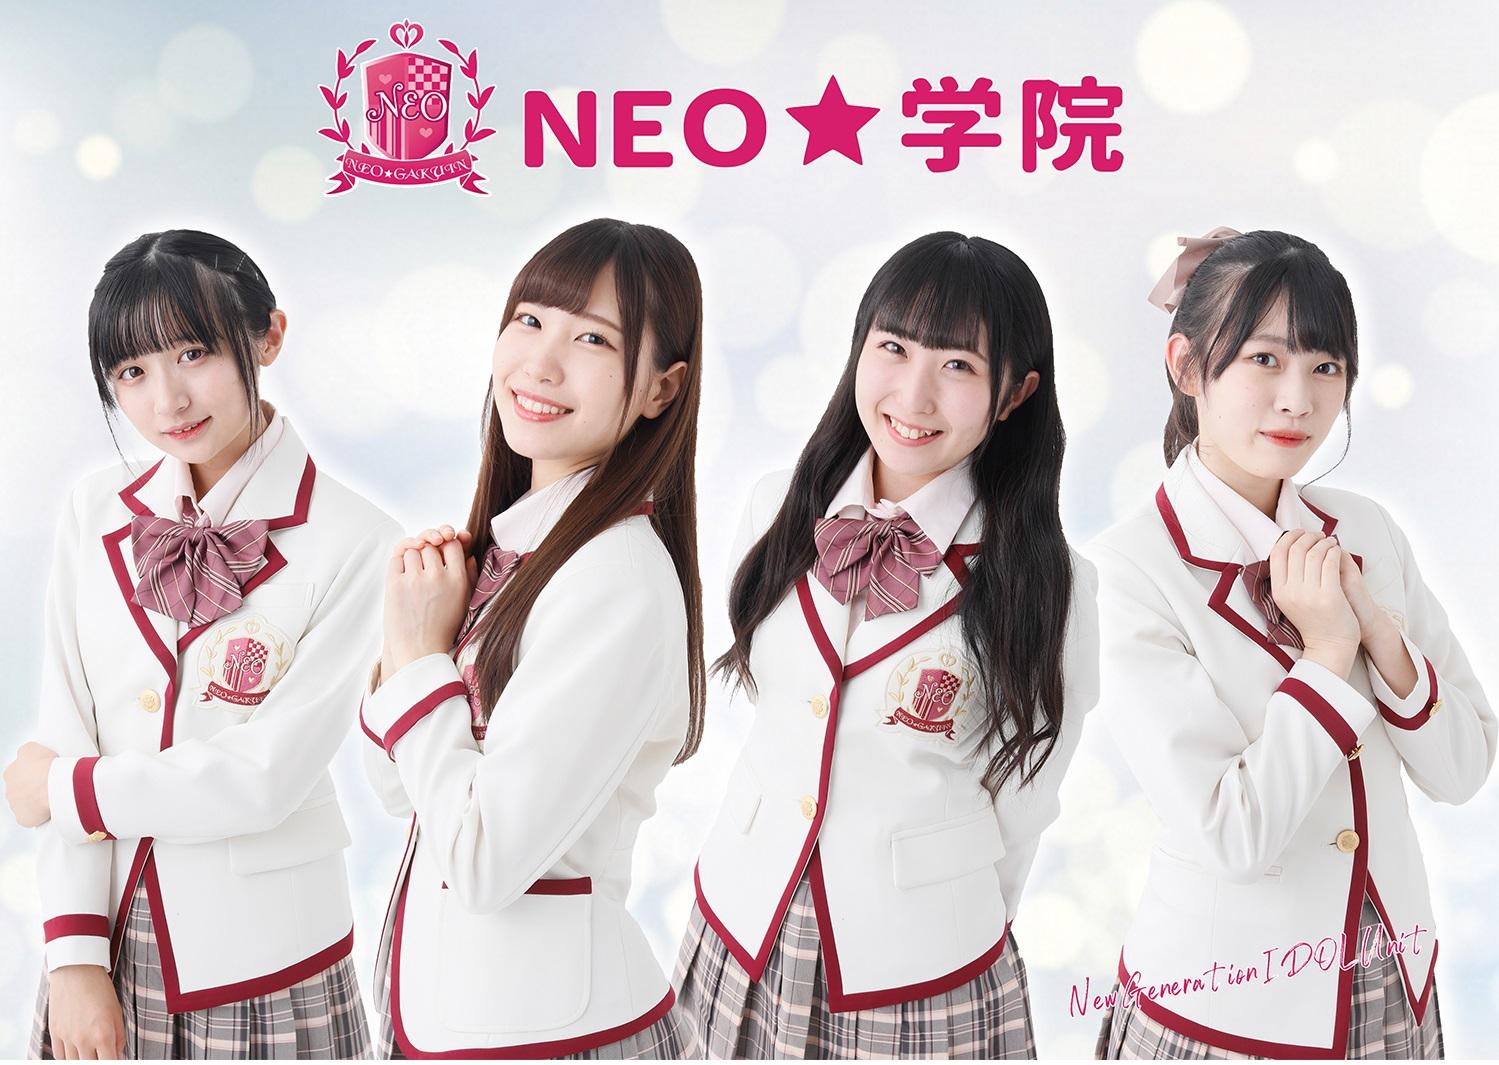 5/3INDOんたく2021 ①部 NEO☆学院/筑豊アイドルSmile ミニライブ&特典会